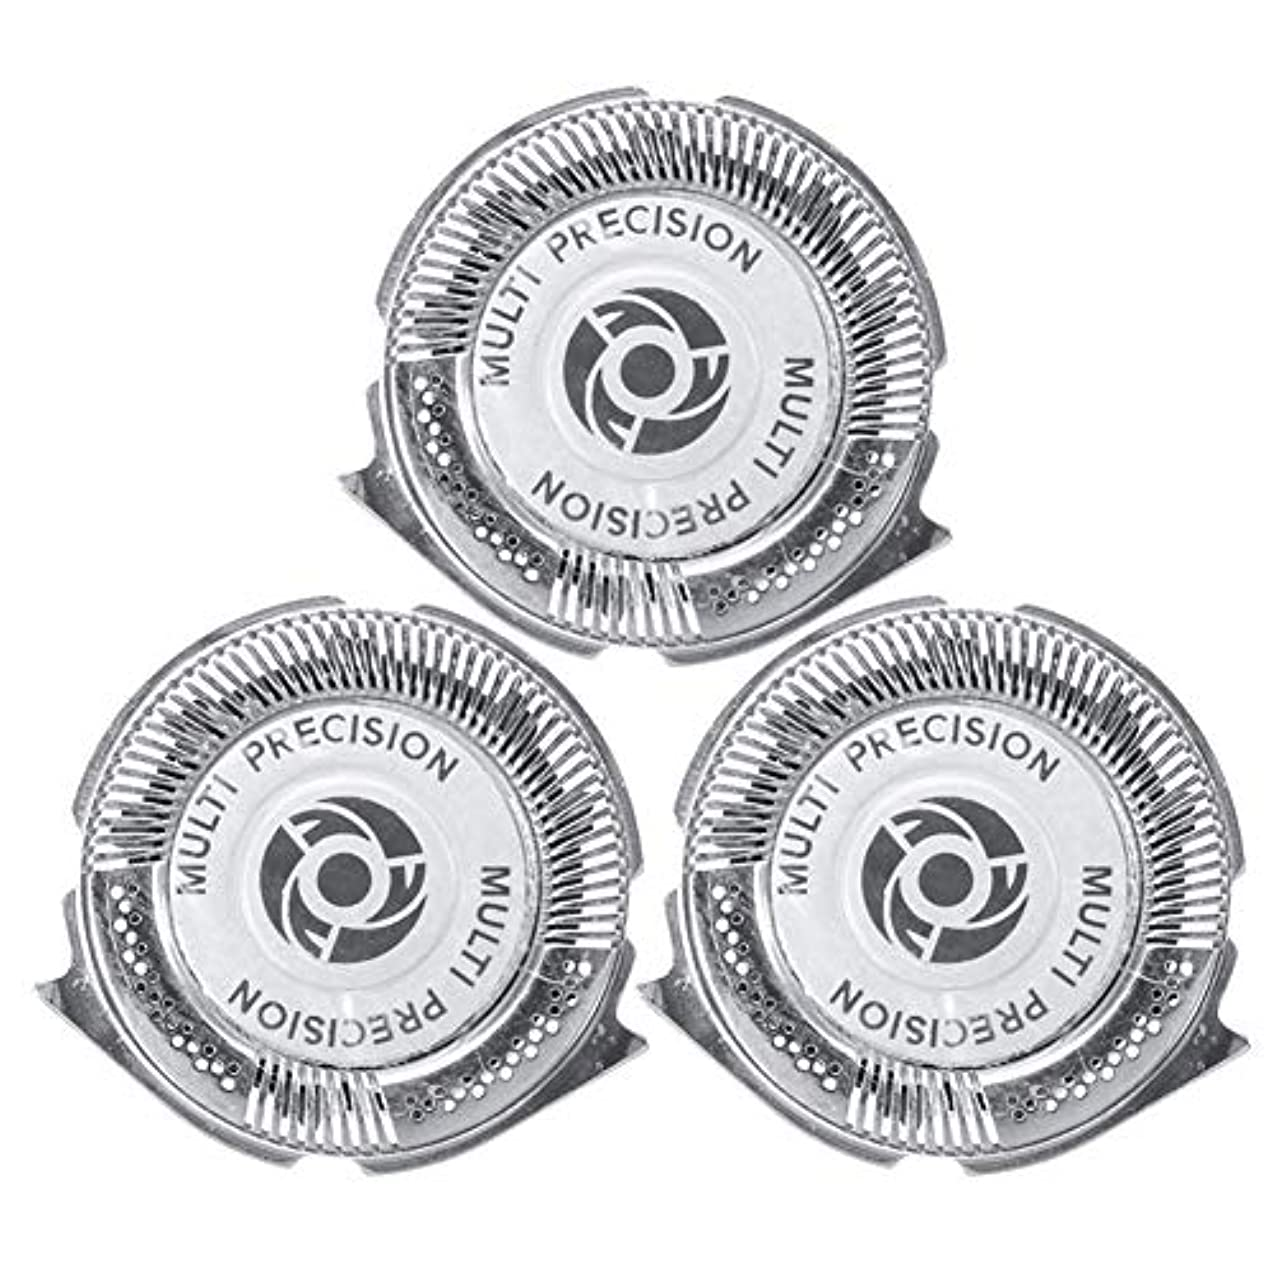 ガス振動させるオプショナル3個 シェーバー 替刃 シェーバー ヘッド フィリップス用 Series 5000 Shaver SH50/51/52 HQ8 ダブルブレード